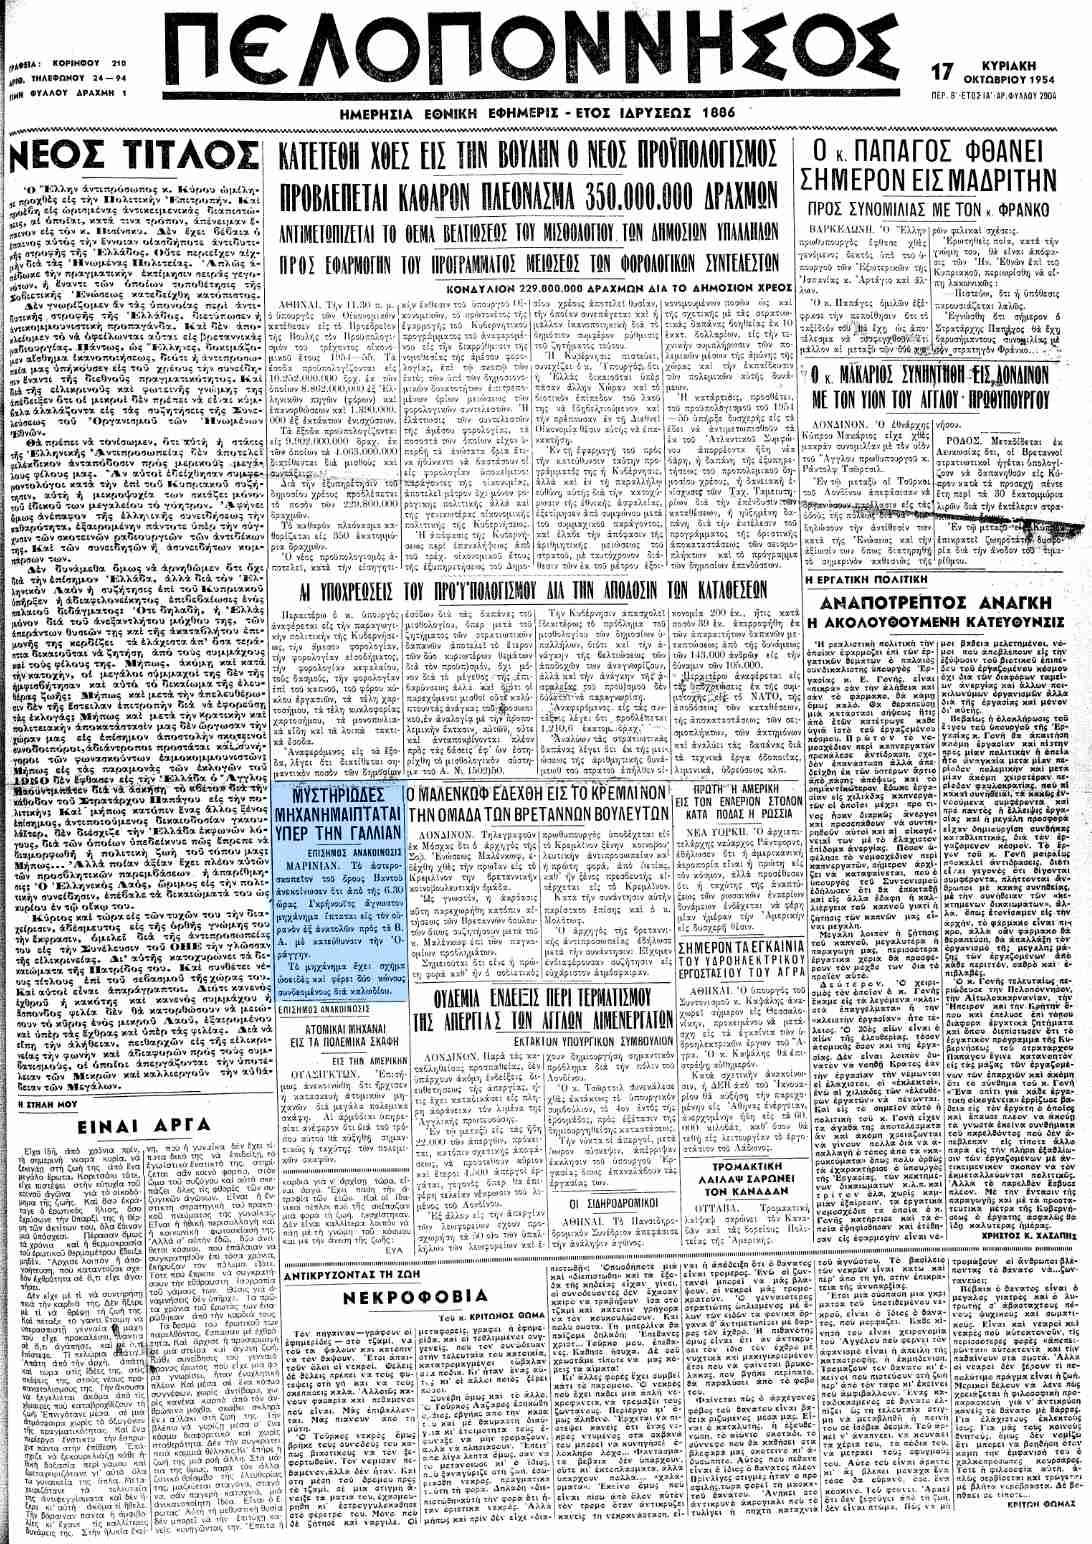 """Το άρθρο, όπως δημοσιεύθηκε στην εφημερίδα """"ΠΕΛΟΠΟΝΝΗΣΟΣ"""", στις 17/10/1954"""